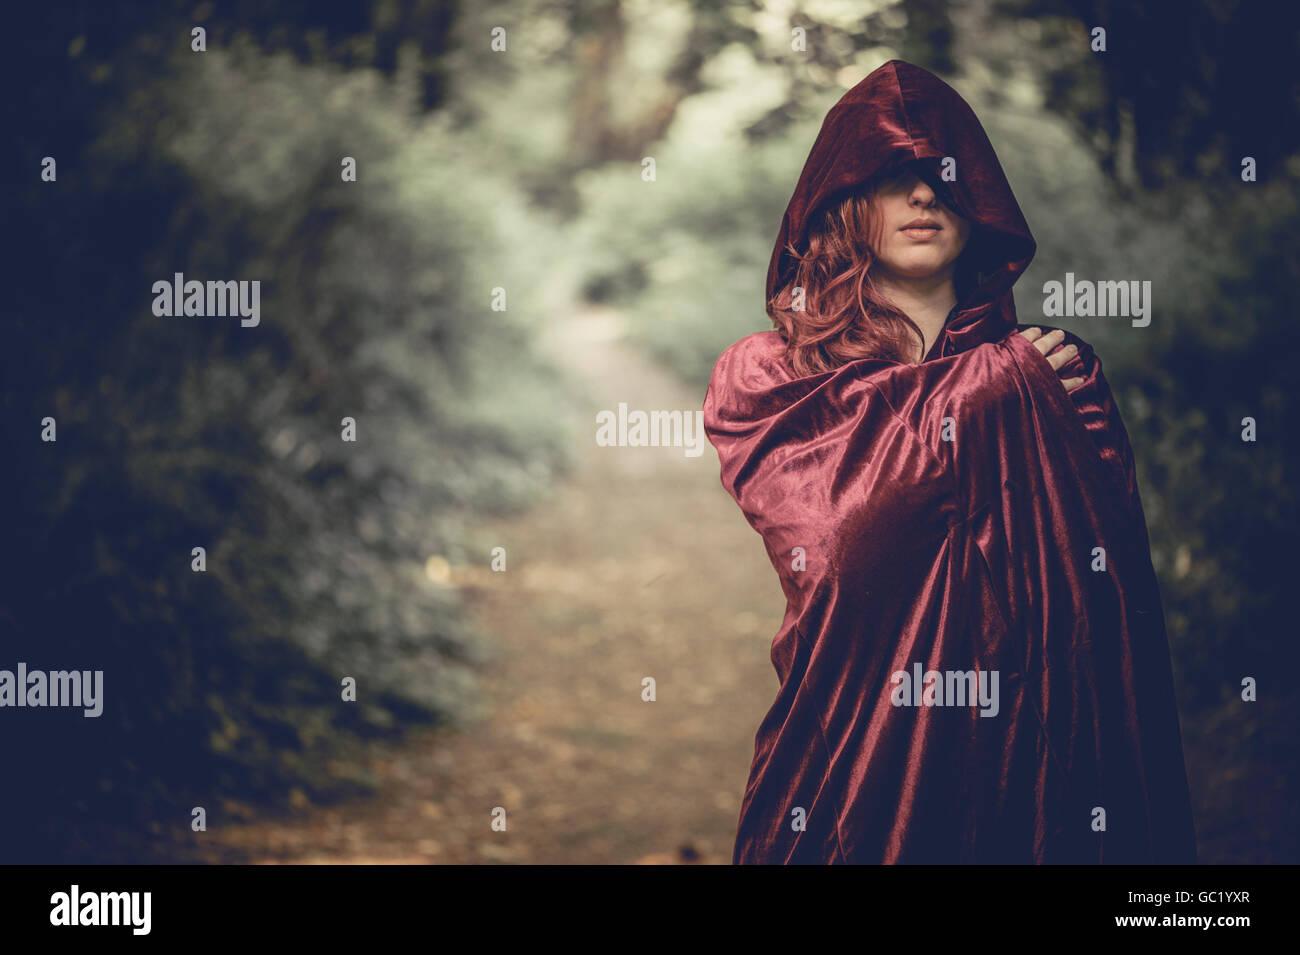 Mujer de misterio: Una joven pelirroja de pelo rojo mujer vestida de un cabo, oscureciendo su rostro, solo en un Foto de stock